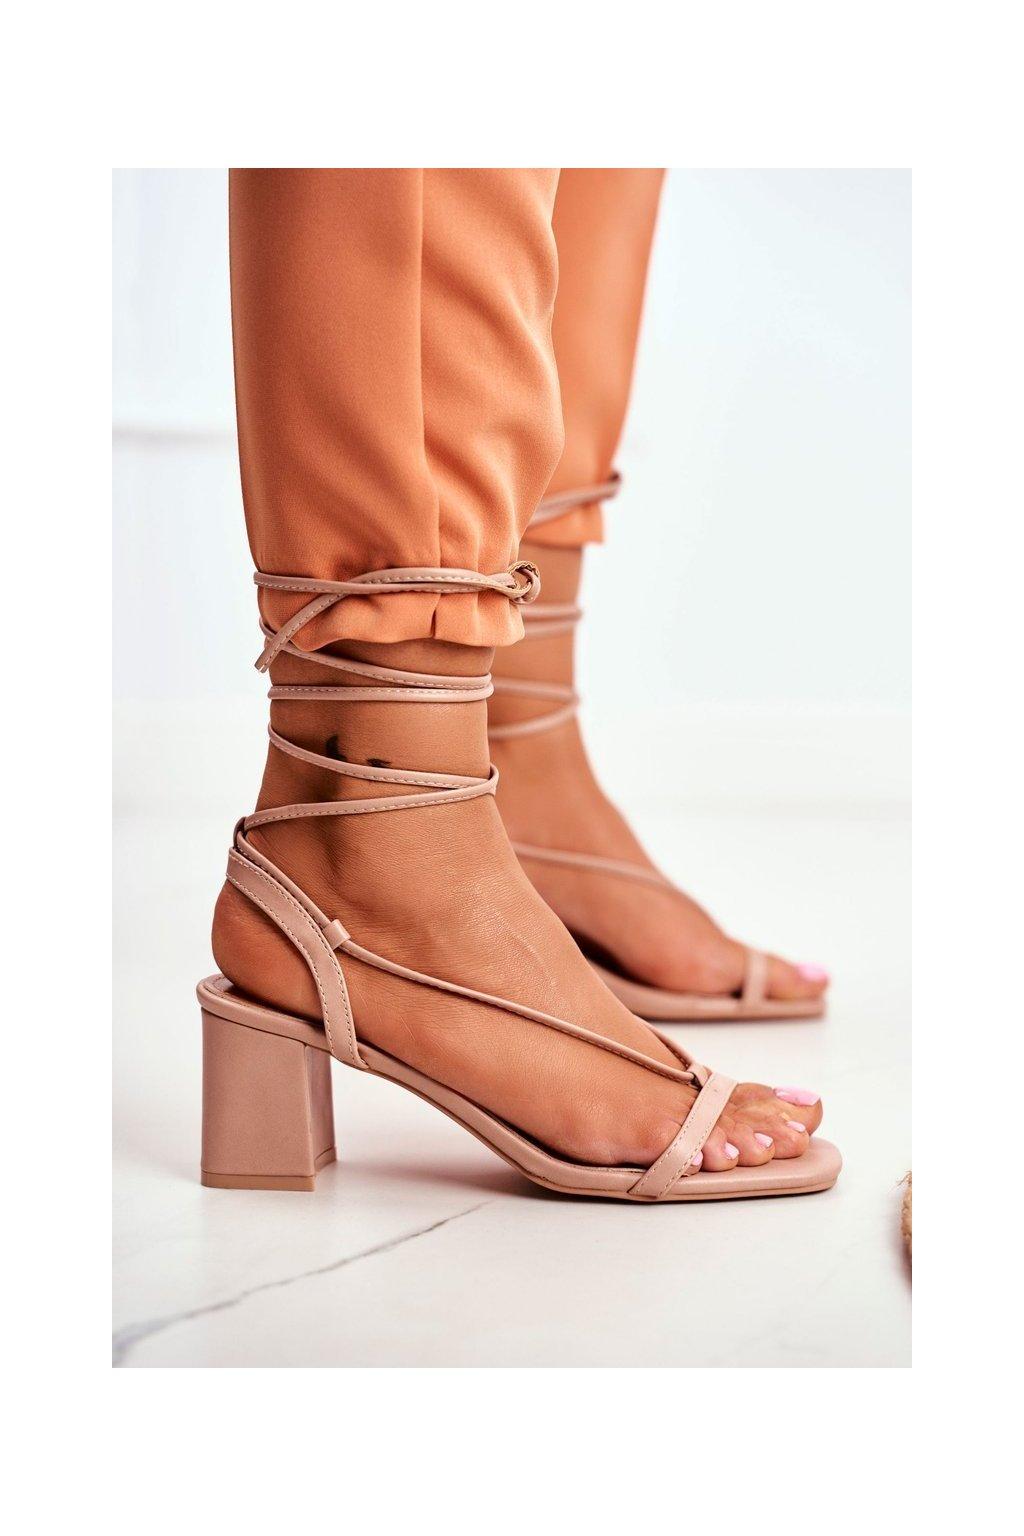 Dámske Sandále na podpätku Šnerované Béžové Morning